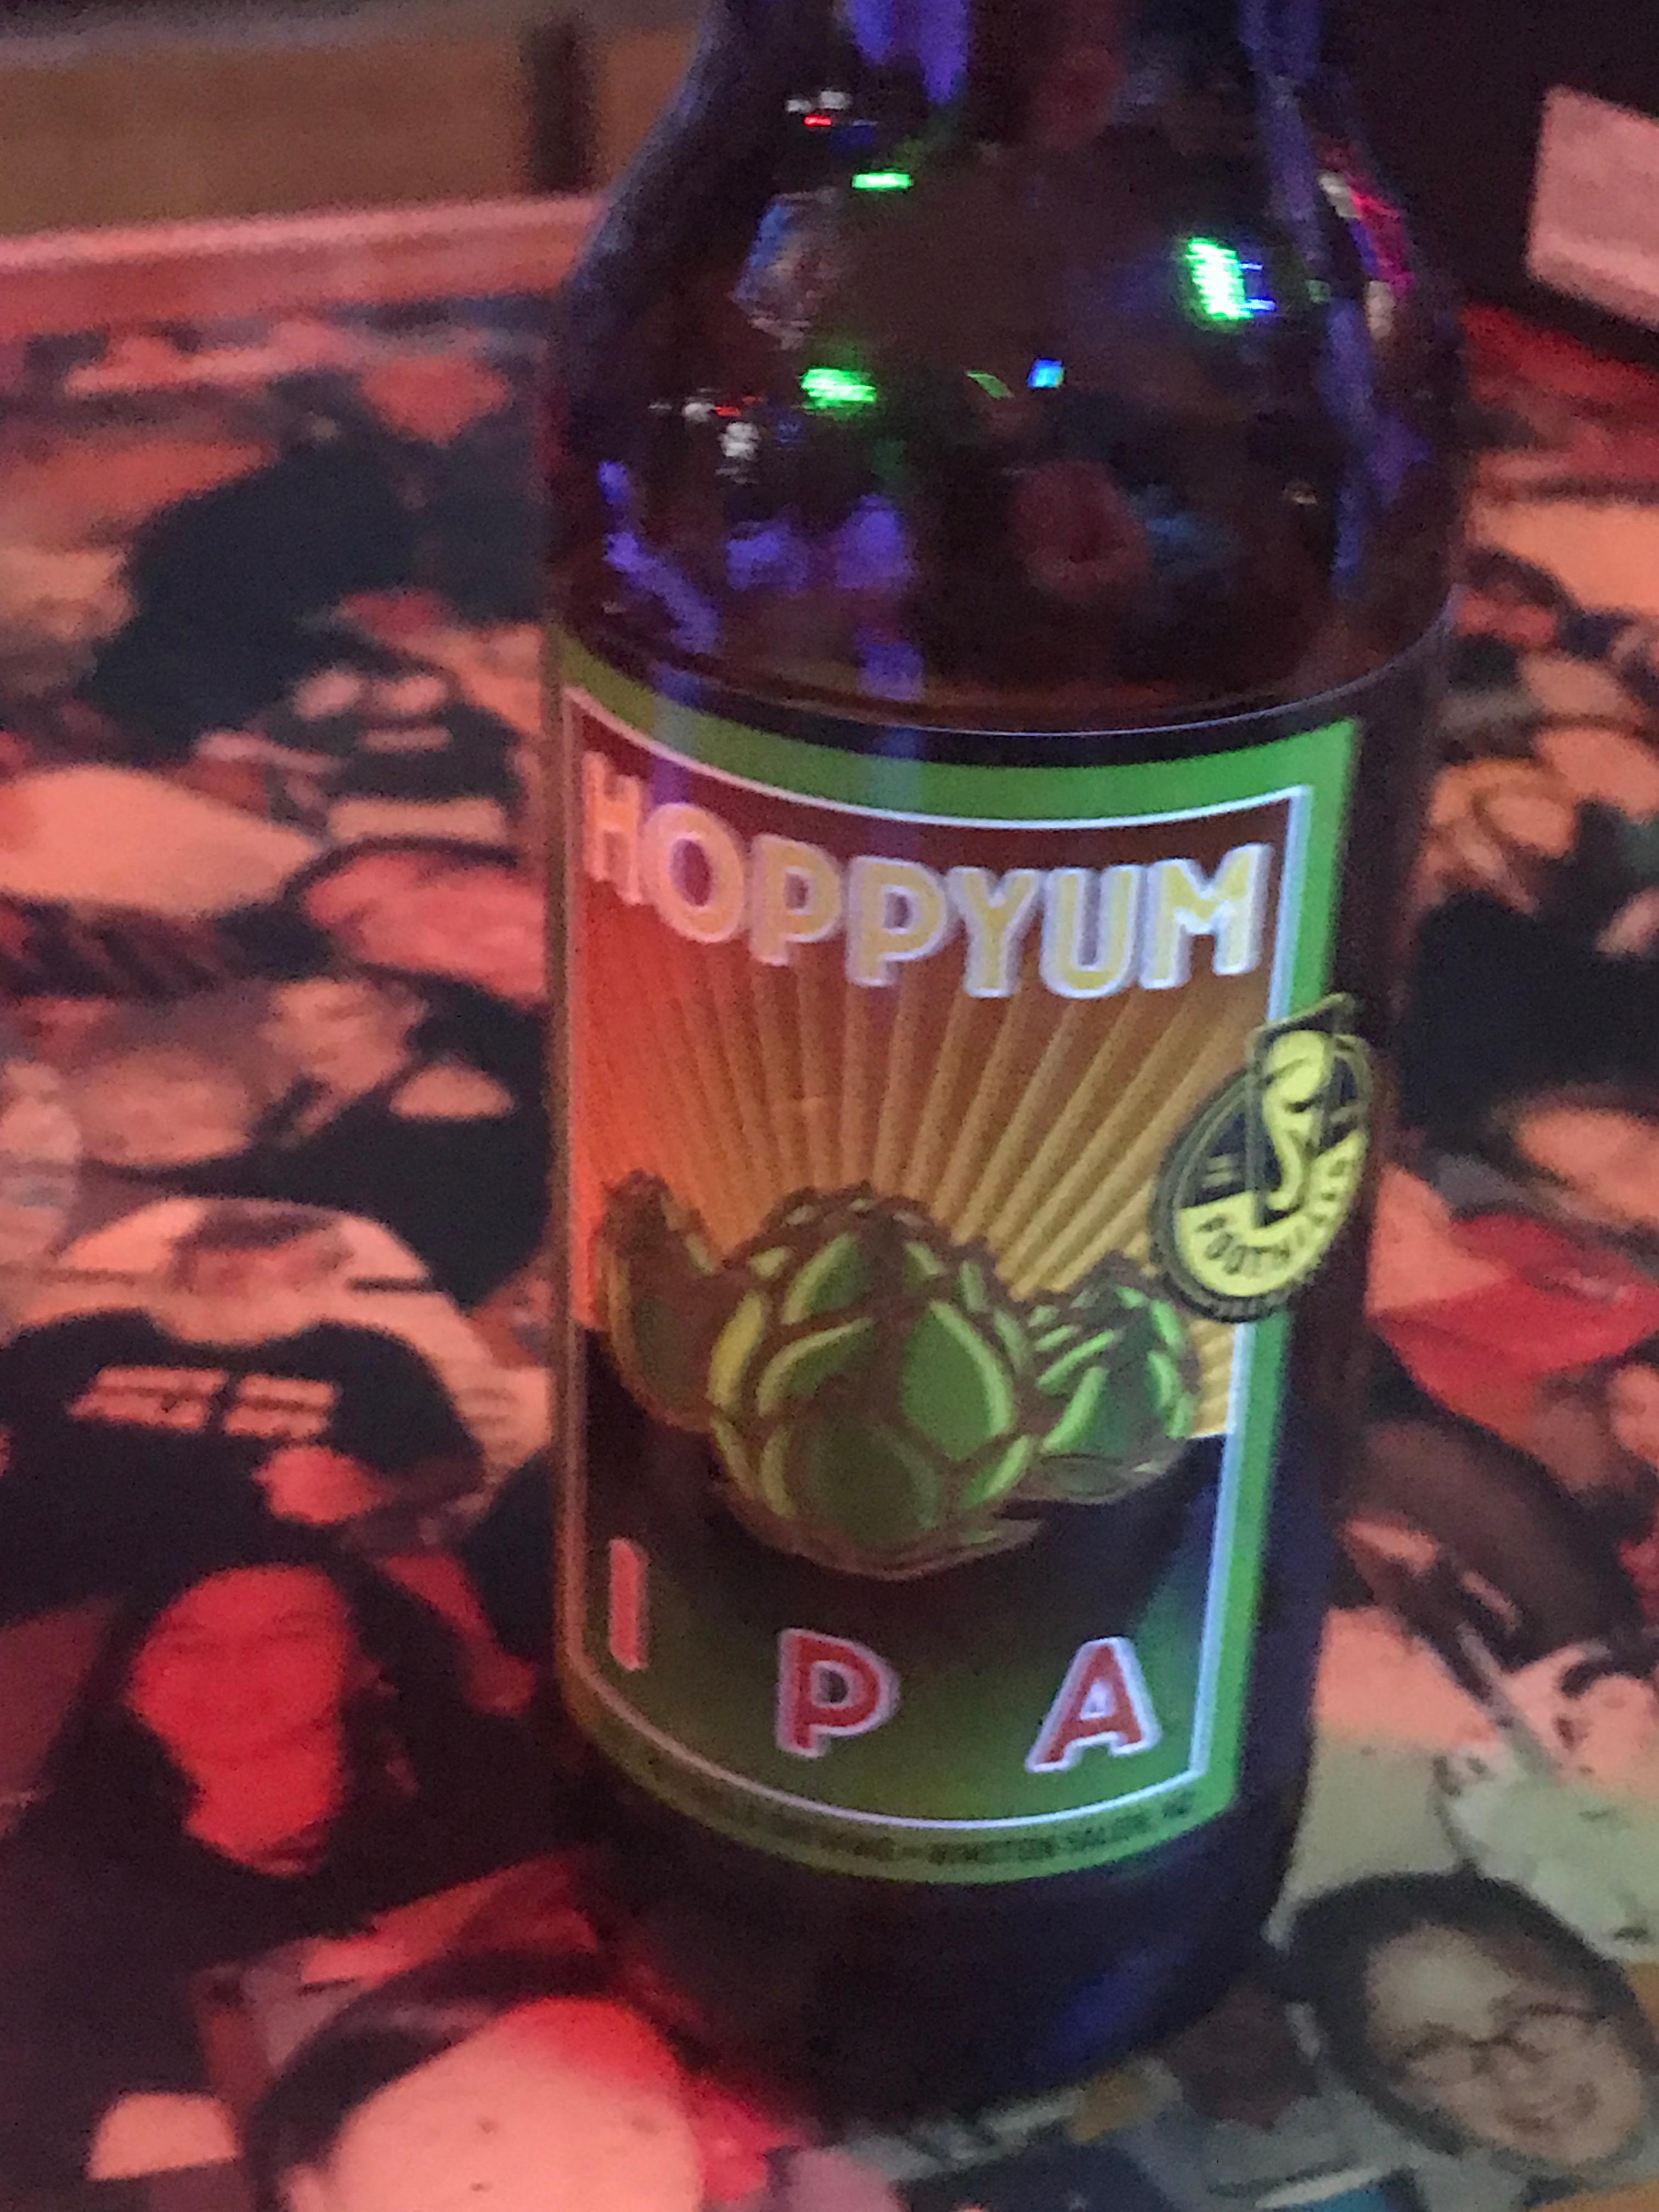 Hoppyum IPA.JPG